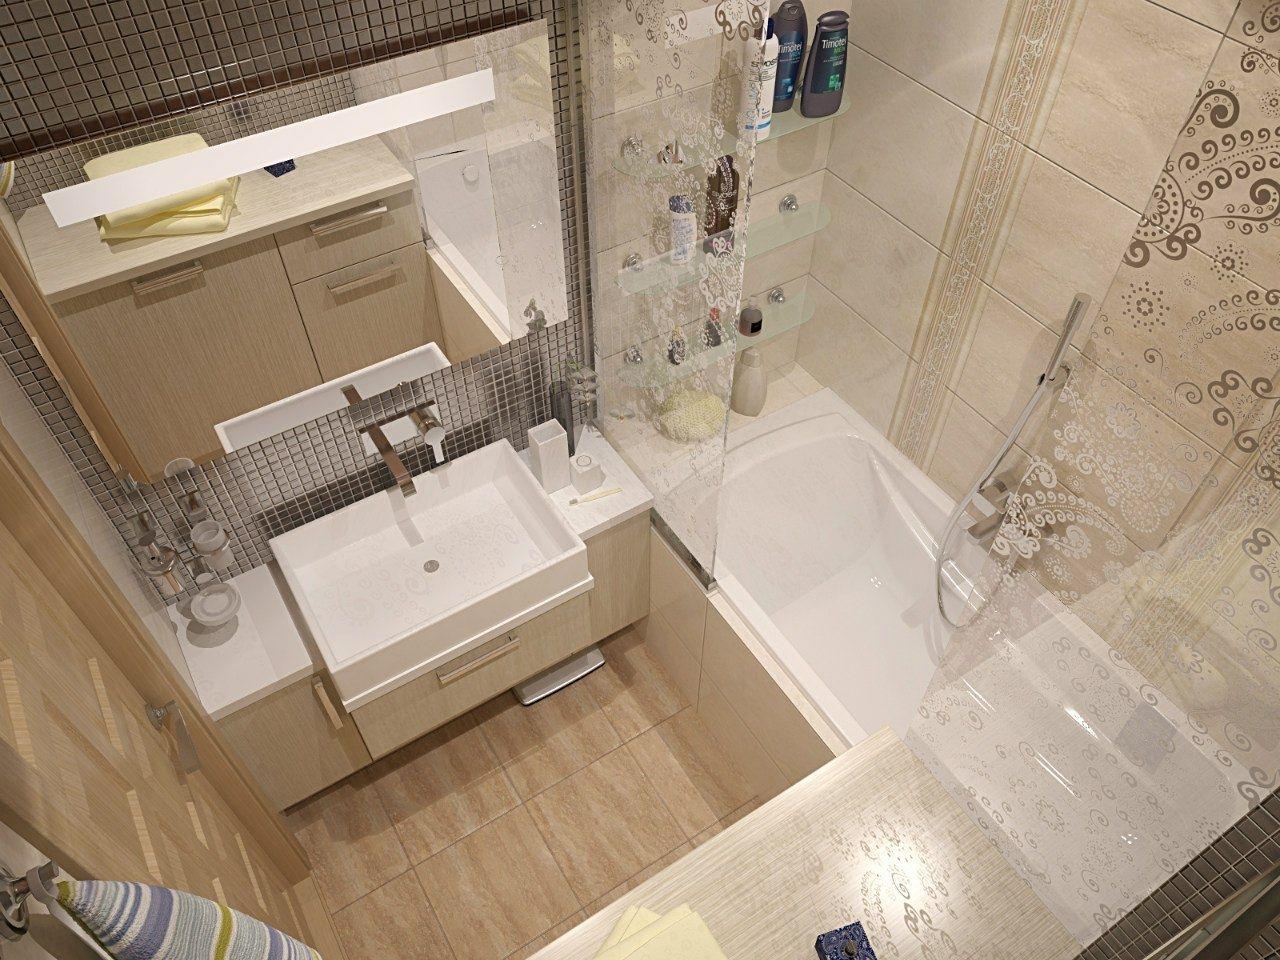 Дизайн плитки в маленькой ванной комнате фото